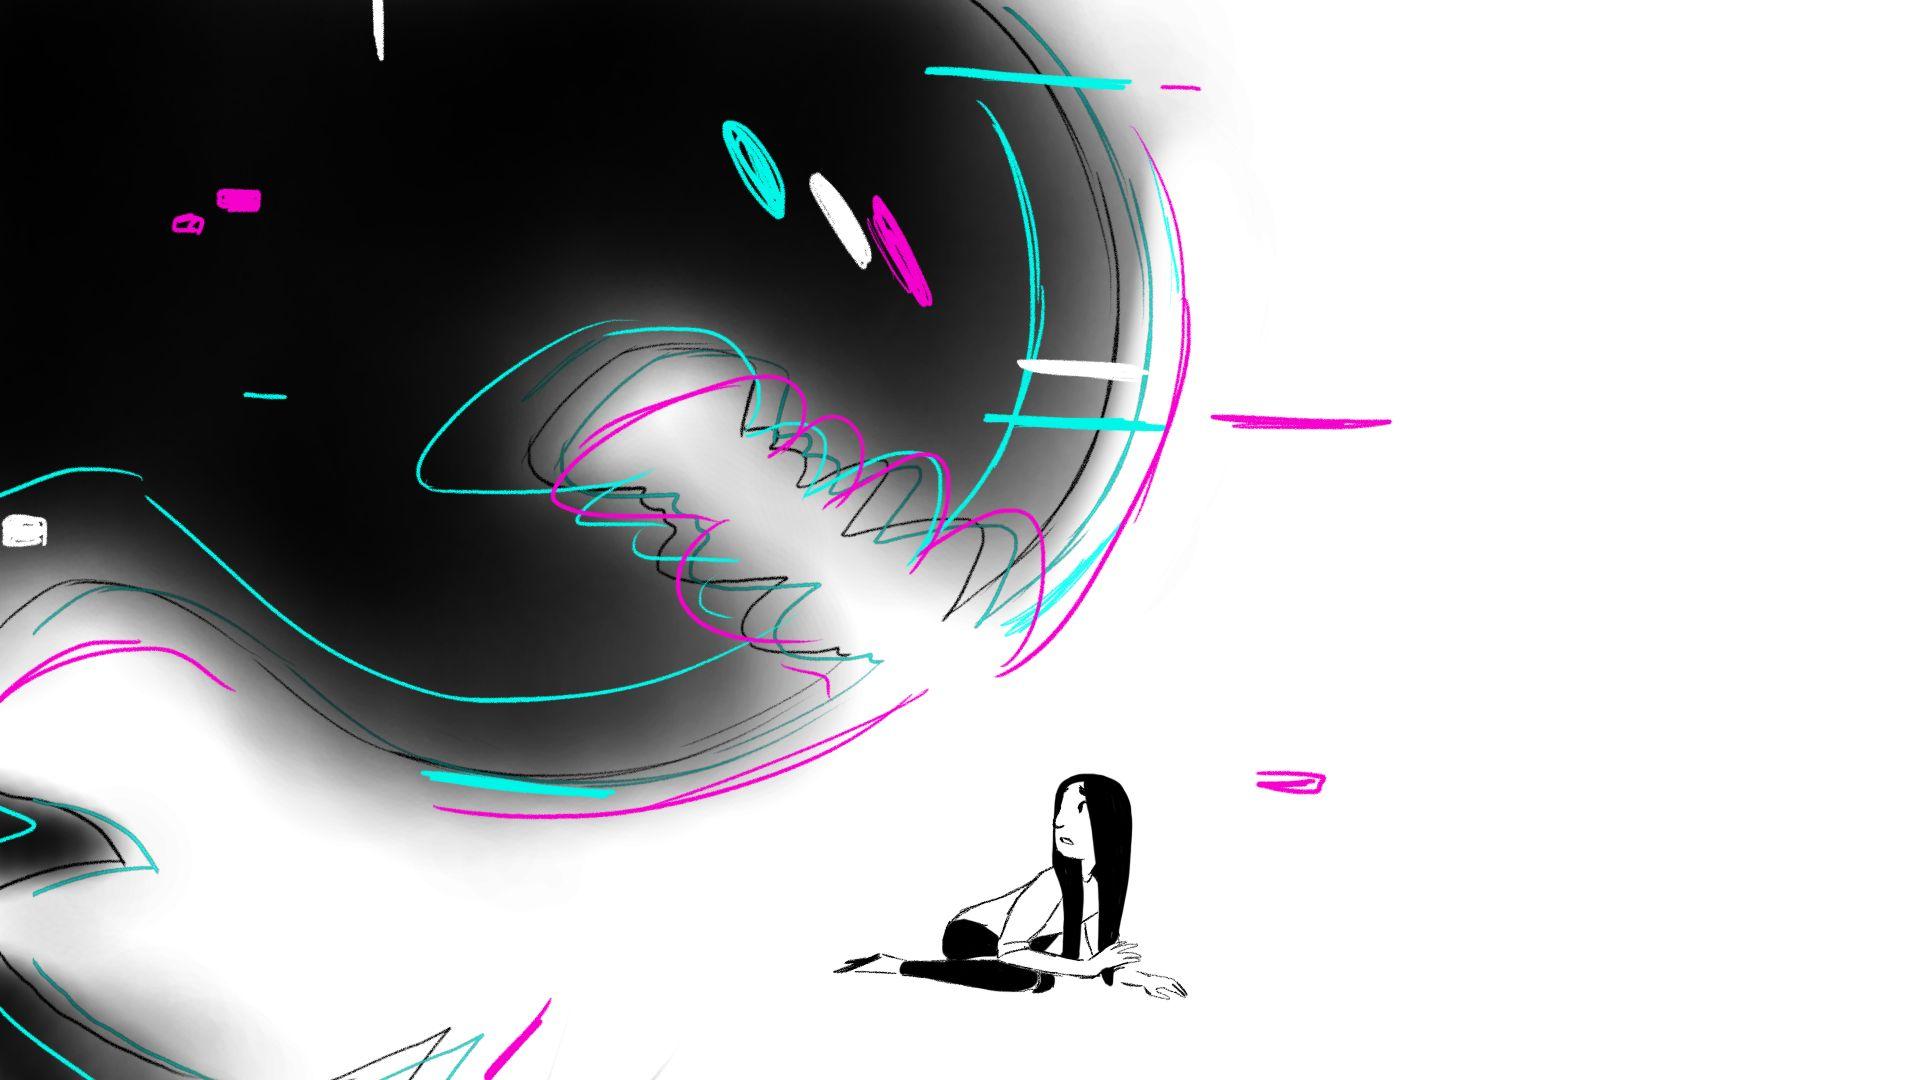 Anon - Ein Kurzfilm Zum Thema Cybermobbing